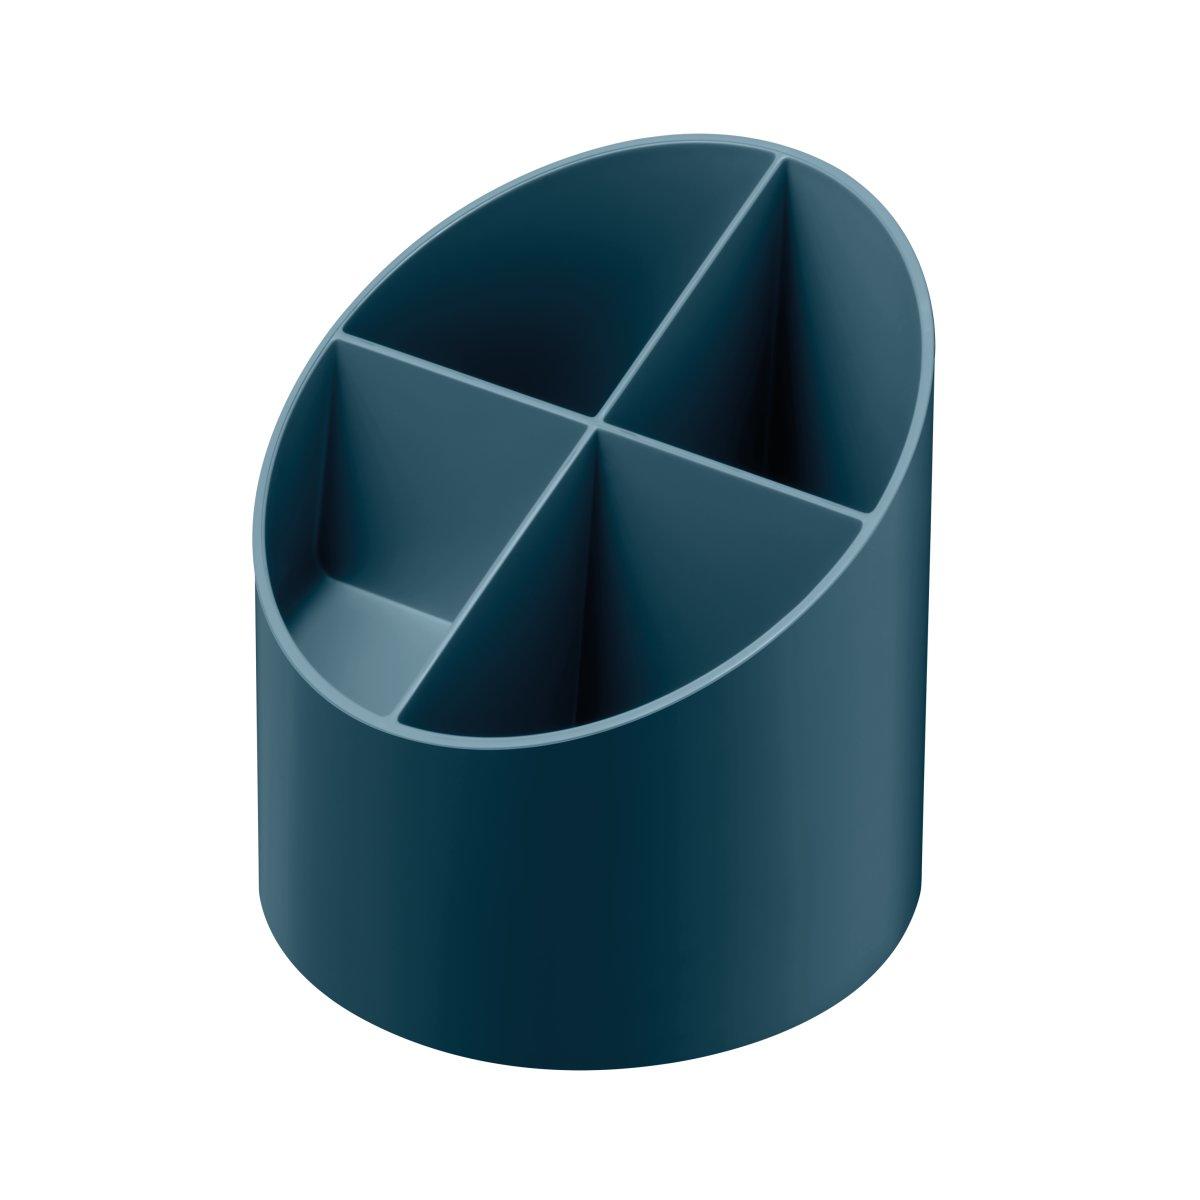 Vorschau: Herlitz Köcher rund 4 Fächer dunkelblau